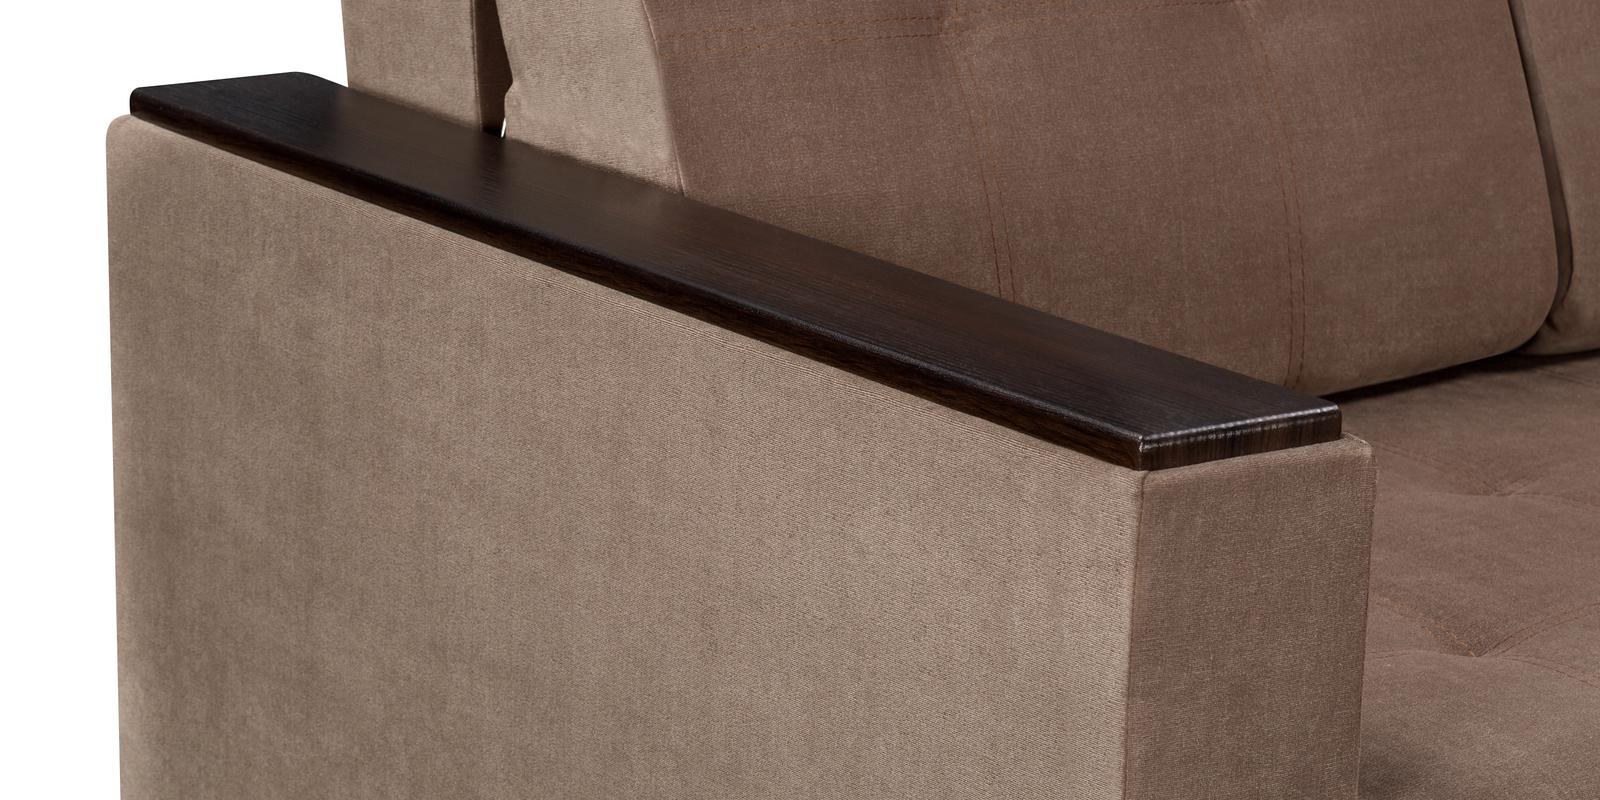 Диван тканевый прямой Атланта Dana светло-коричневый (Вельвет)